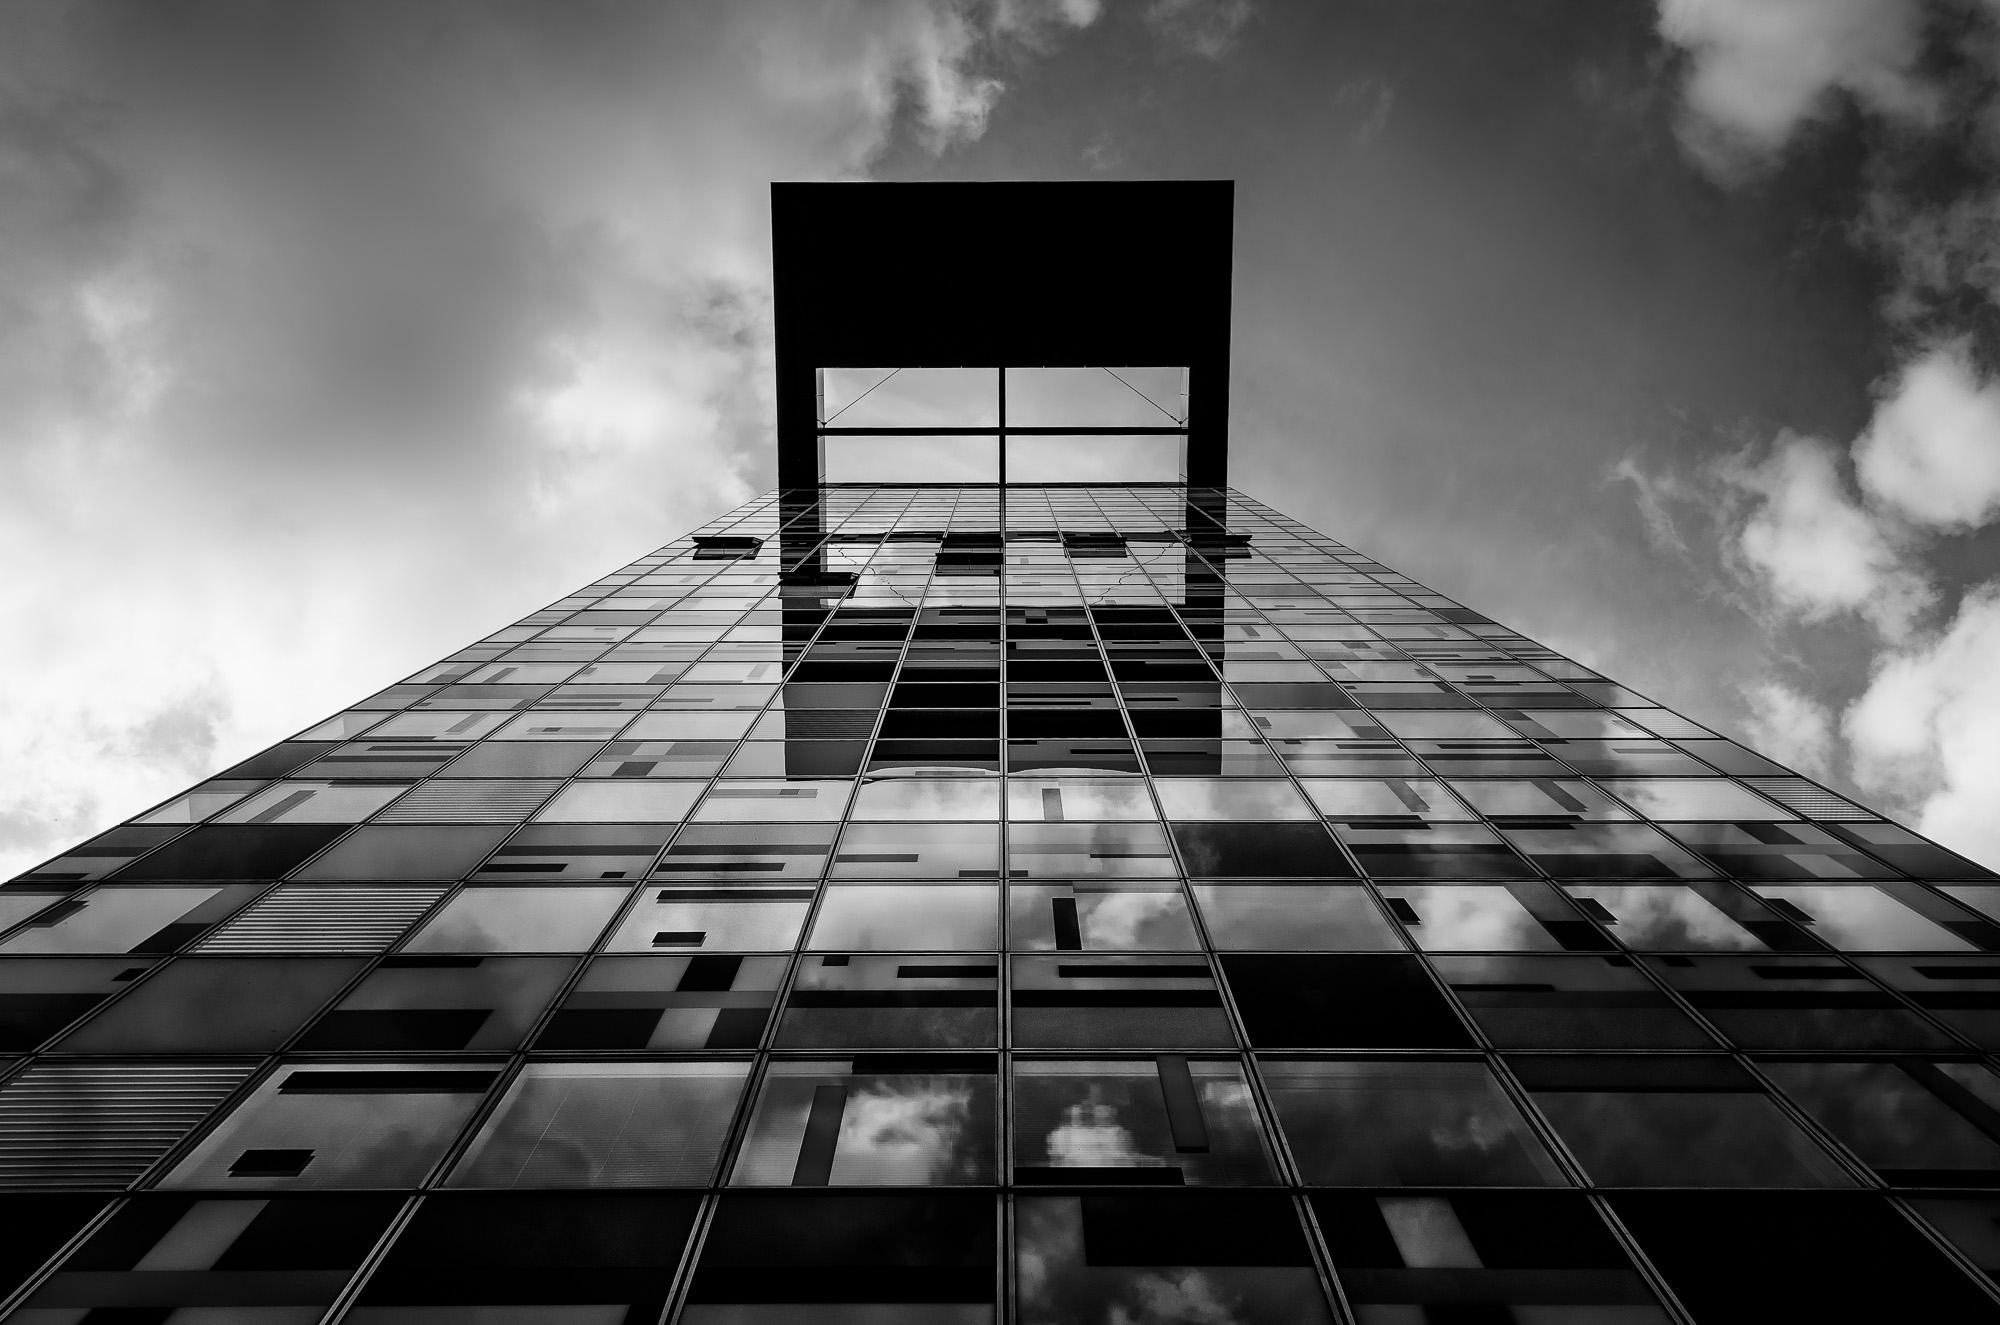 Düsseldorf Medienhafen  -   All images: © Klaus Heuermann  -